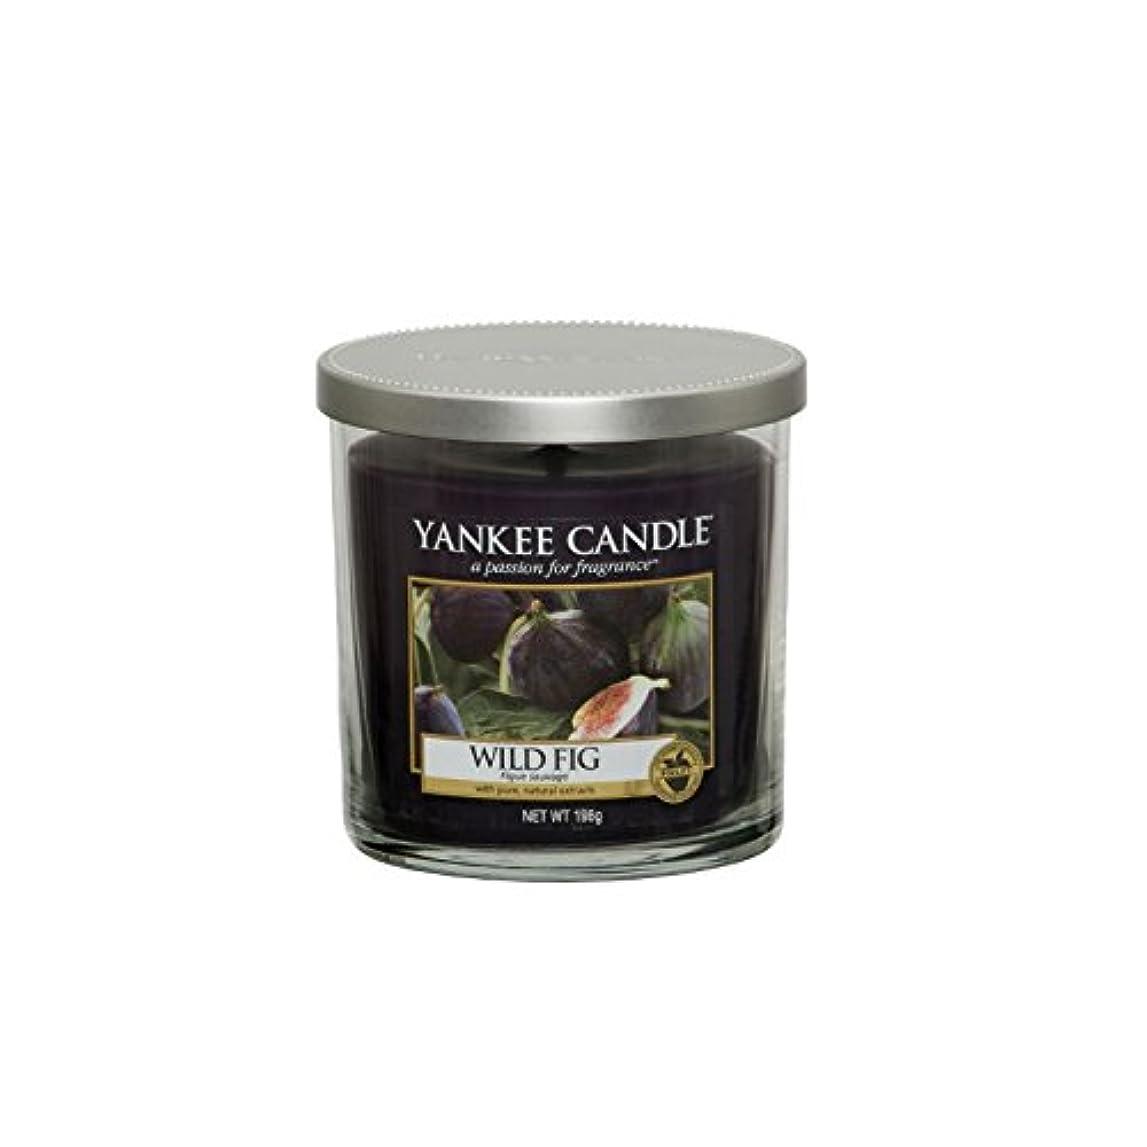 恥ずかしい不可能な消化ヤンキーキャンドルの小さな柱キャンドル - 野生のイチジク - Yankee Candles Small Pillar Candle - Wild Fig (Yankee Candles) [並行輸入品]